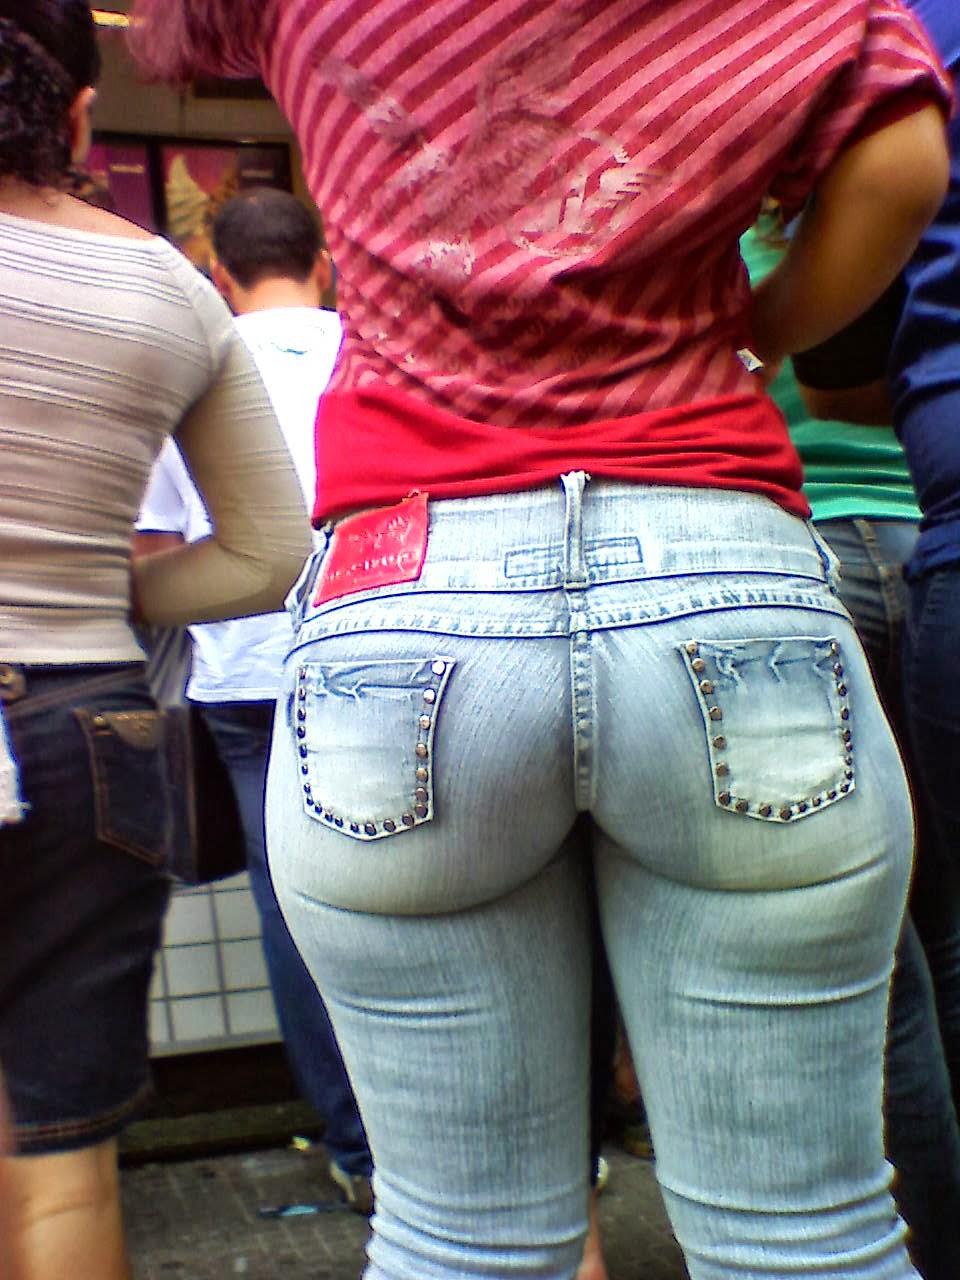 Chicas haciendo pis en sus pantalones